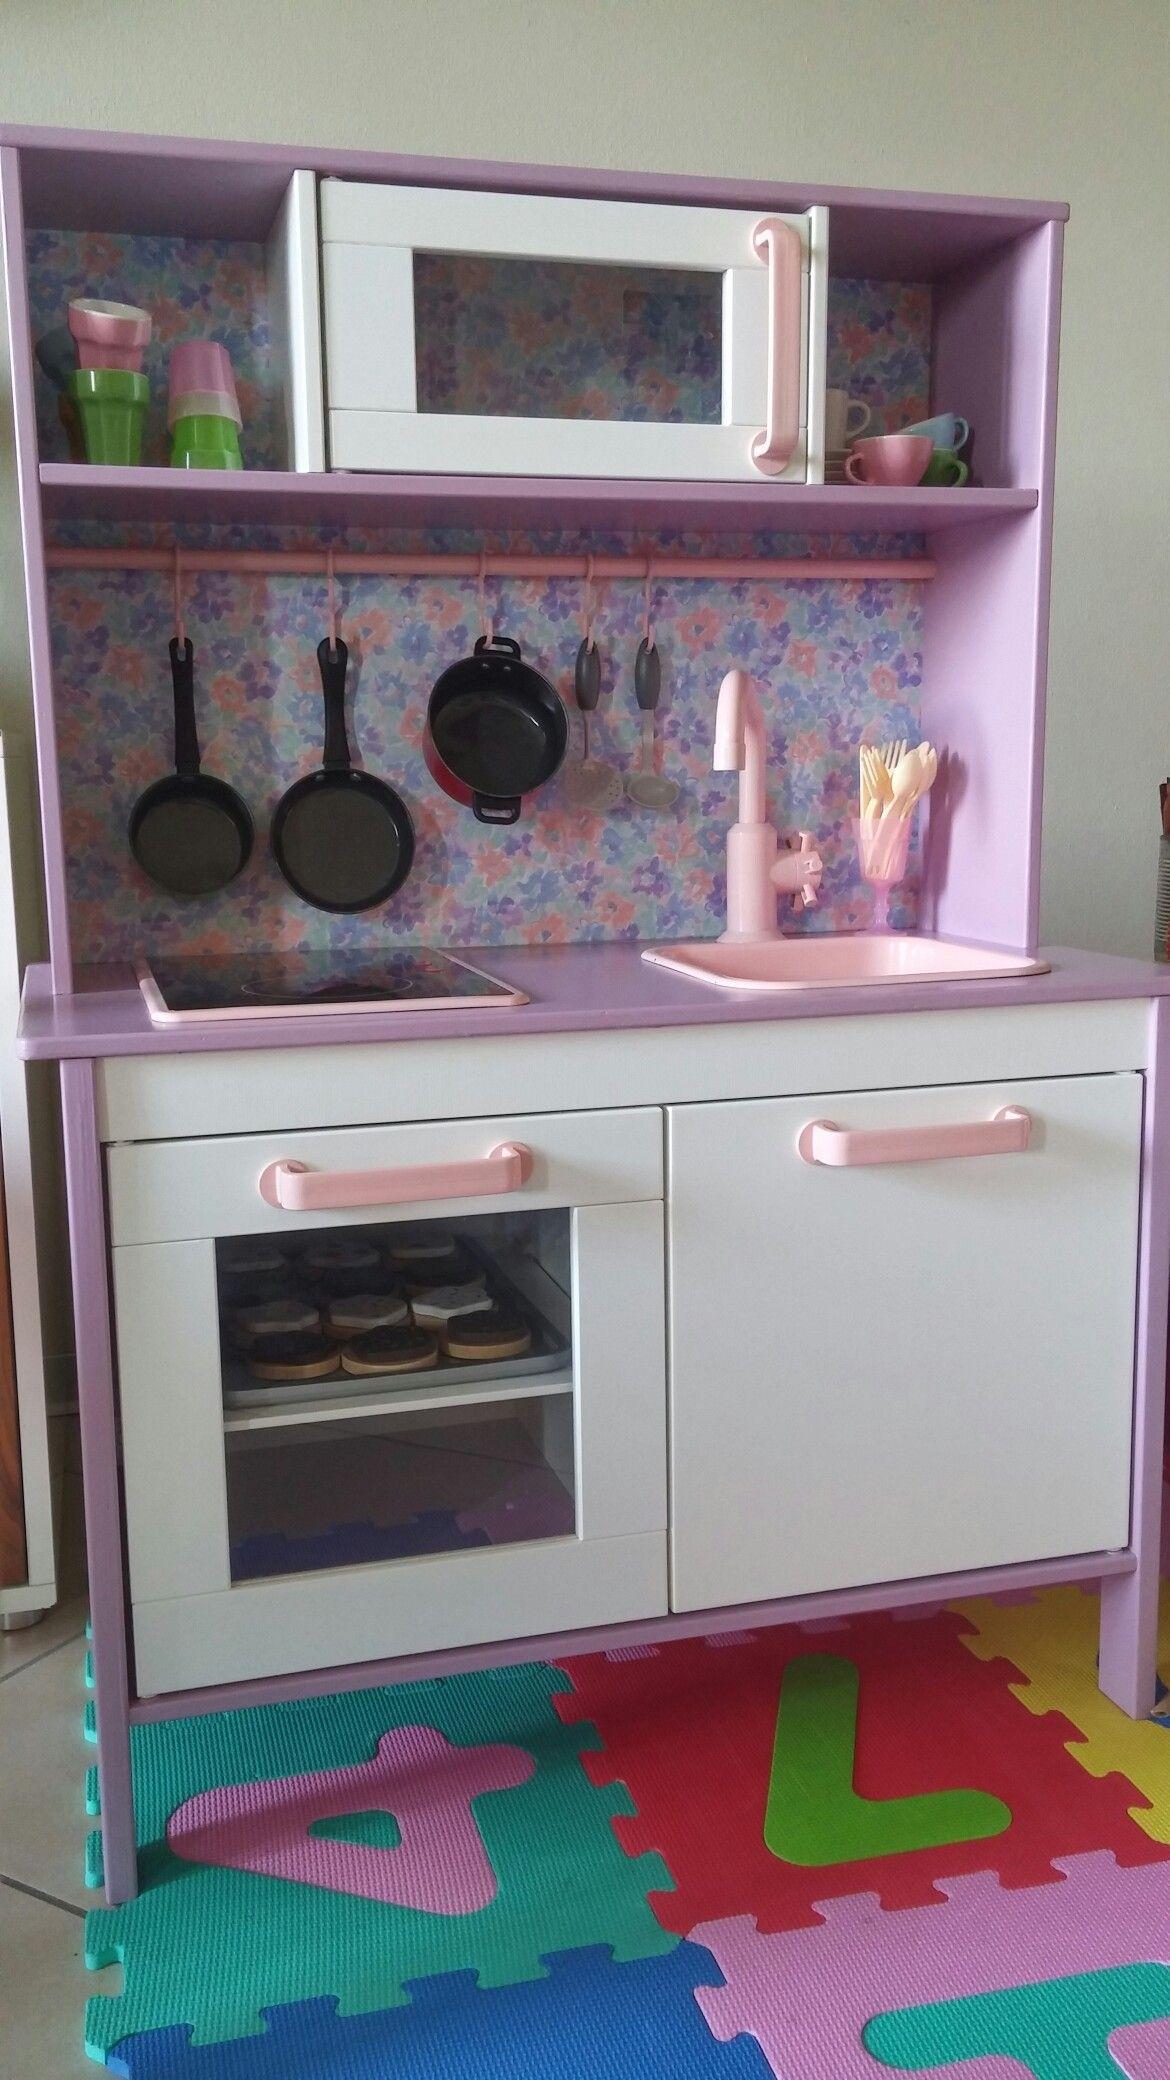 Cucina giocattolo ikea | Детская мебель nel 2019 | Cucina ...